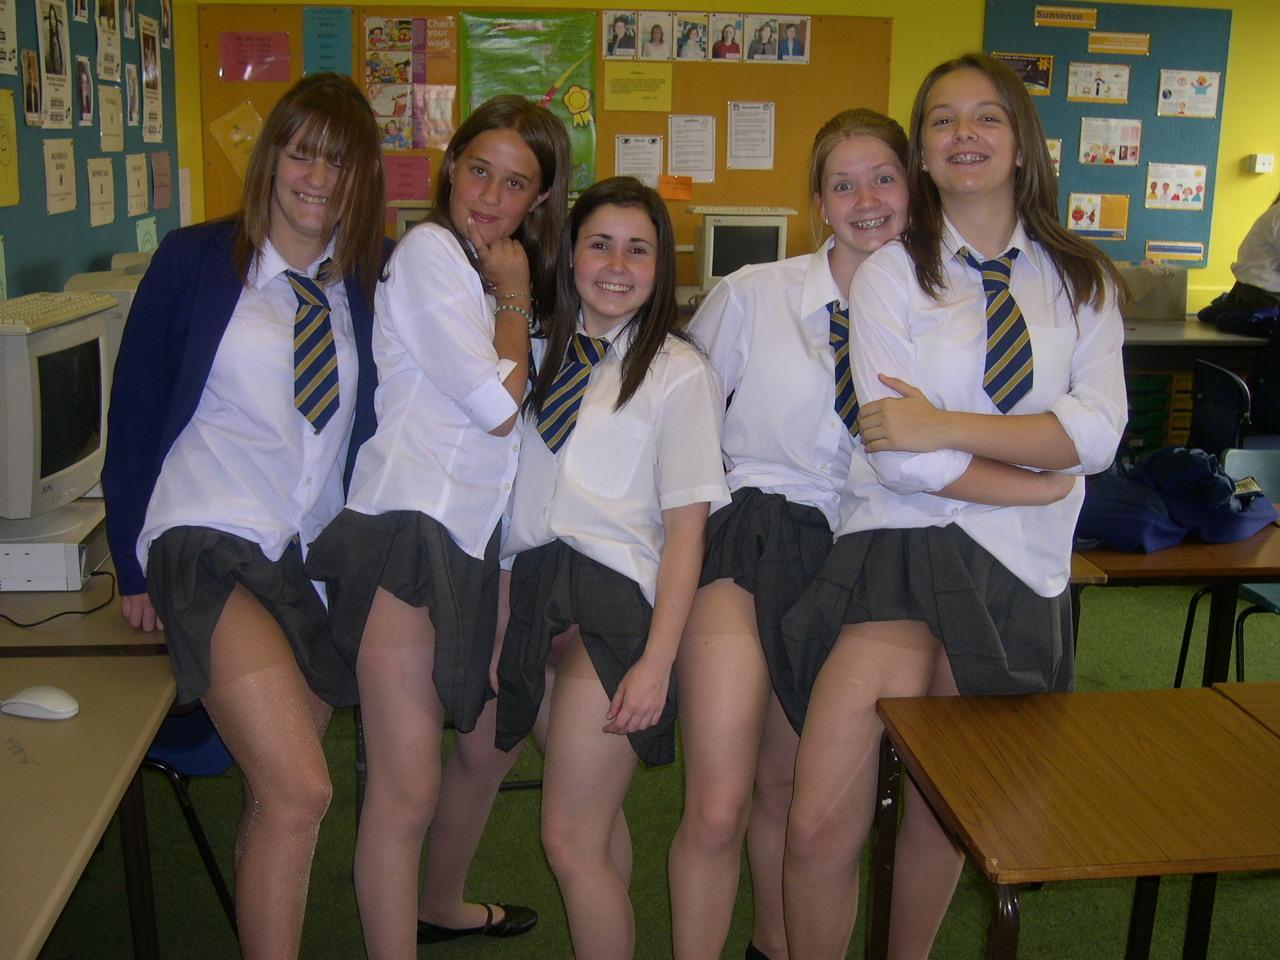 Студентки показывают под юбками трусики с колготками